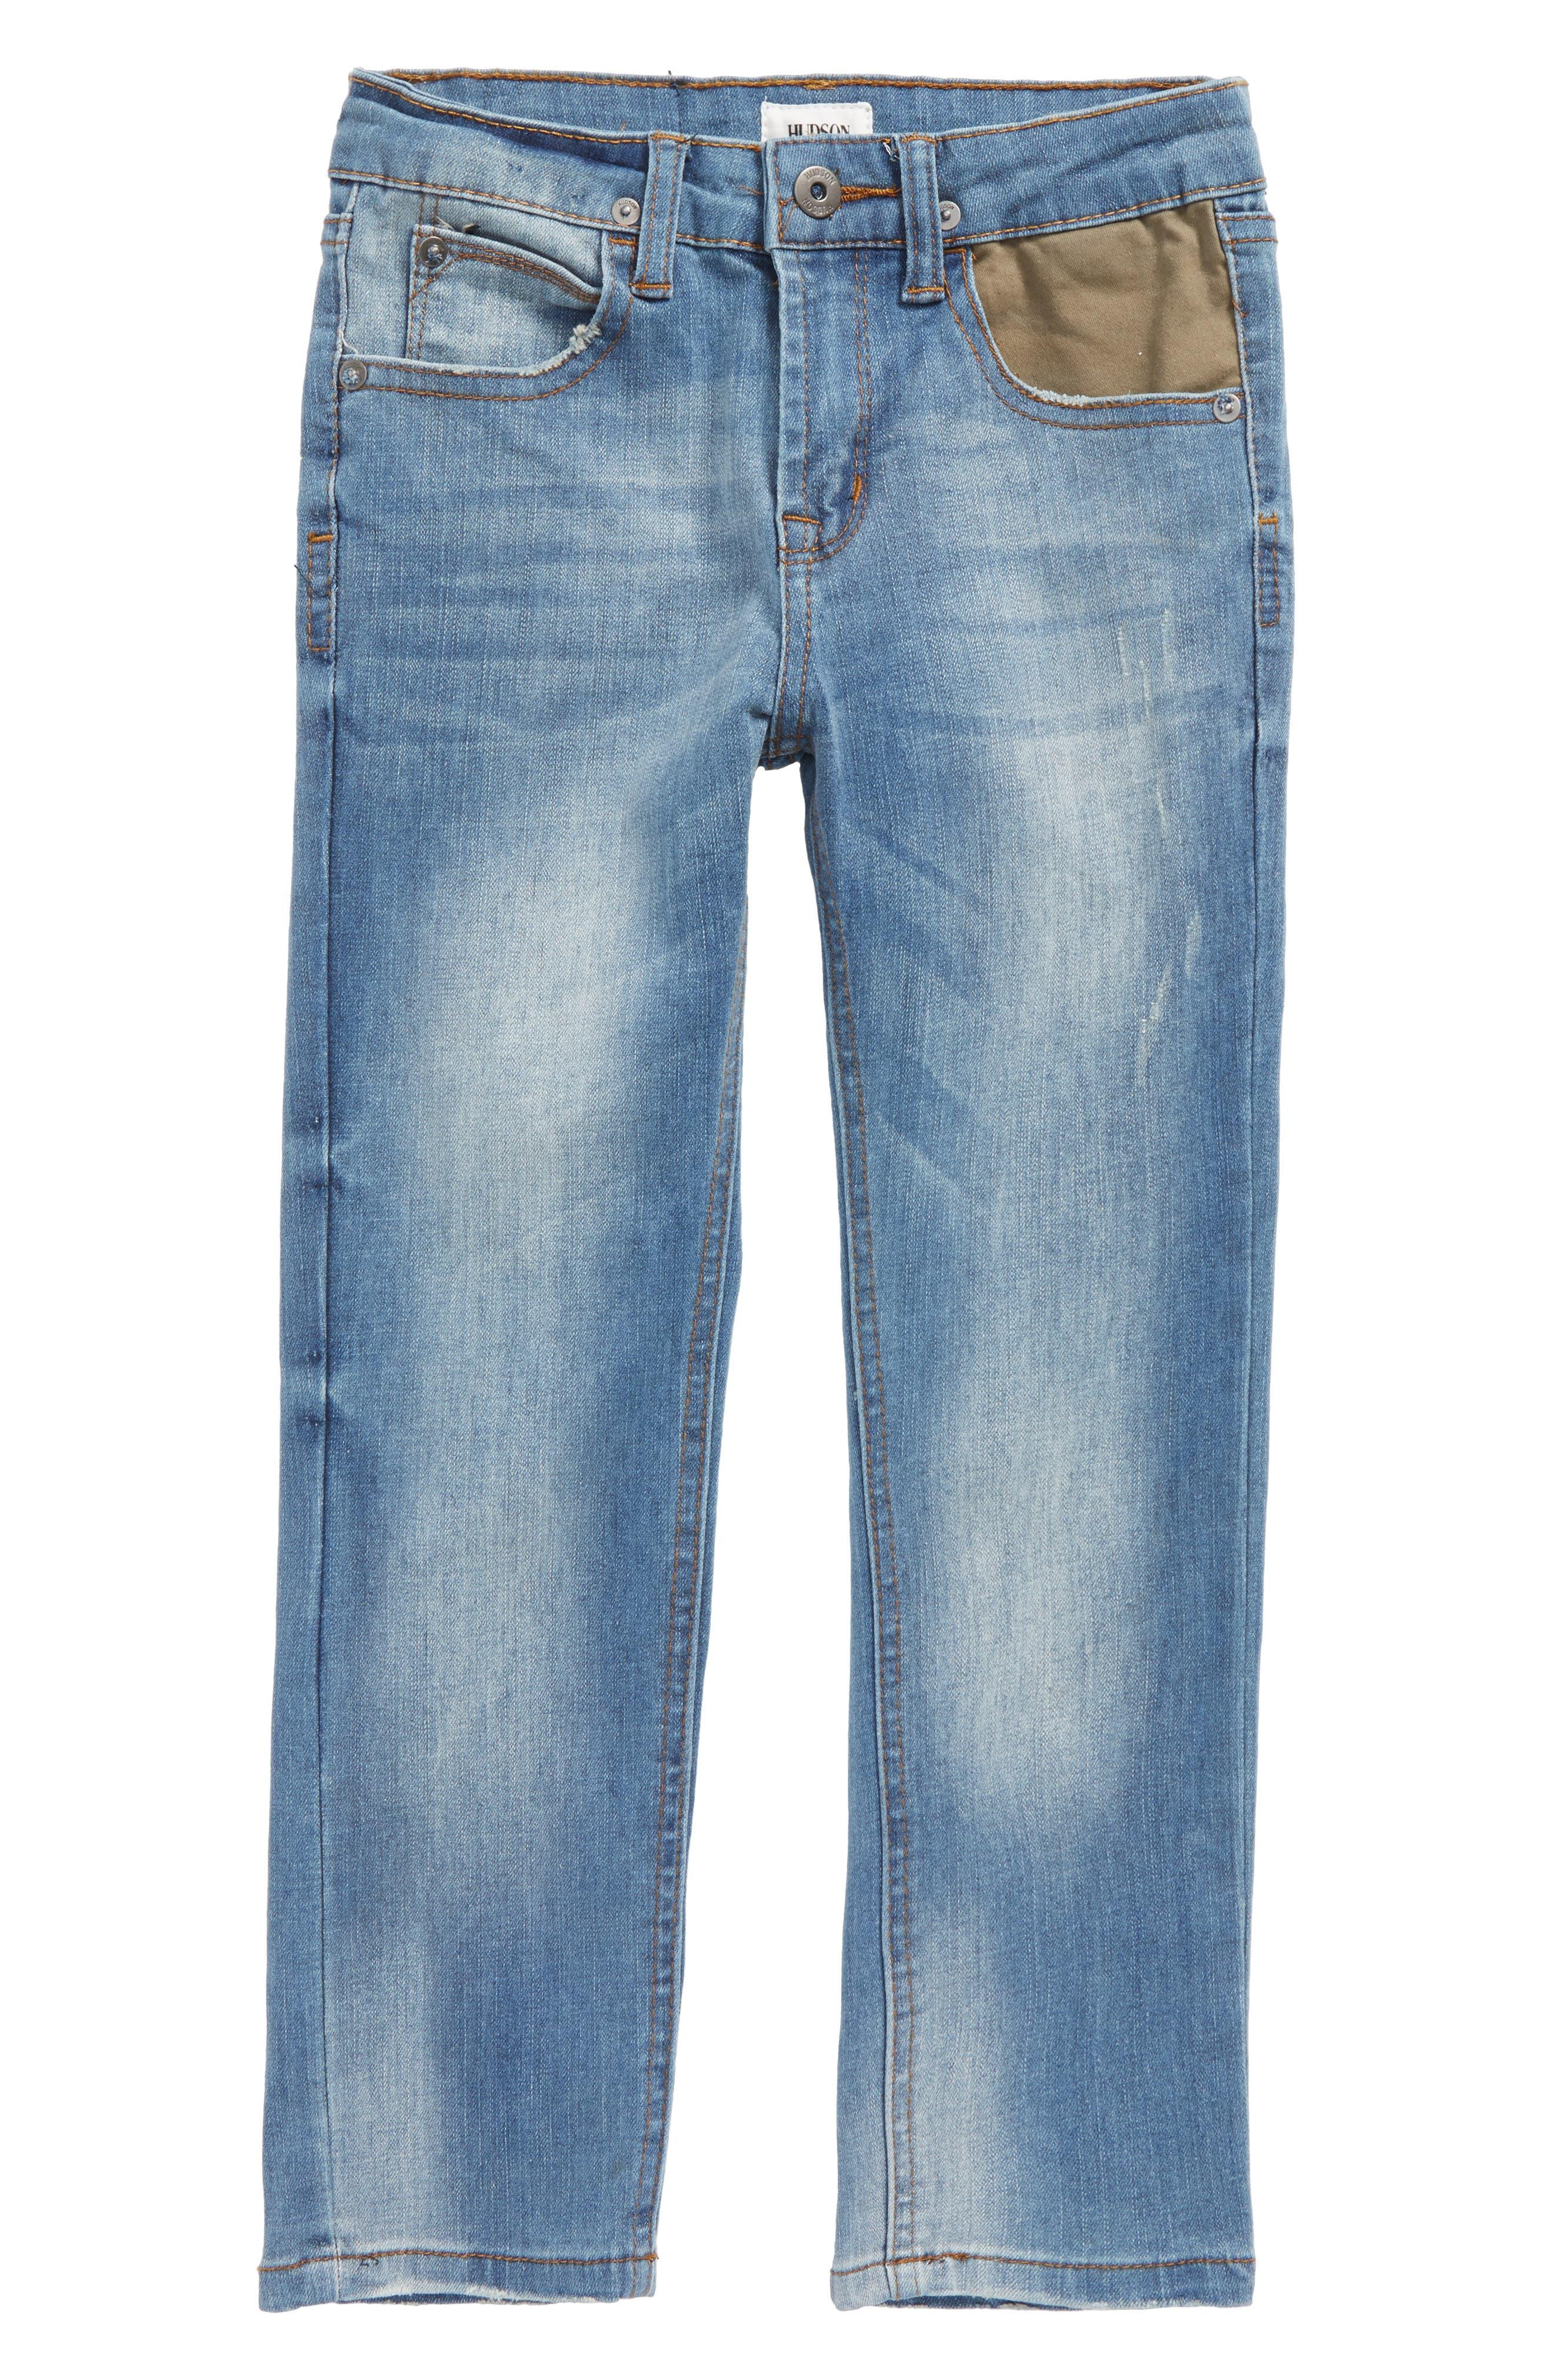 Alternate Image 1 Selected - Hudson Kids Jagger Slim Straight Leg Jeans (Toddler Boys & Little Boys)